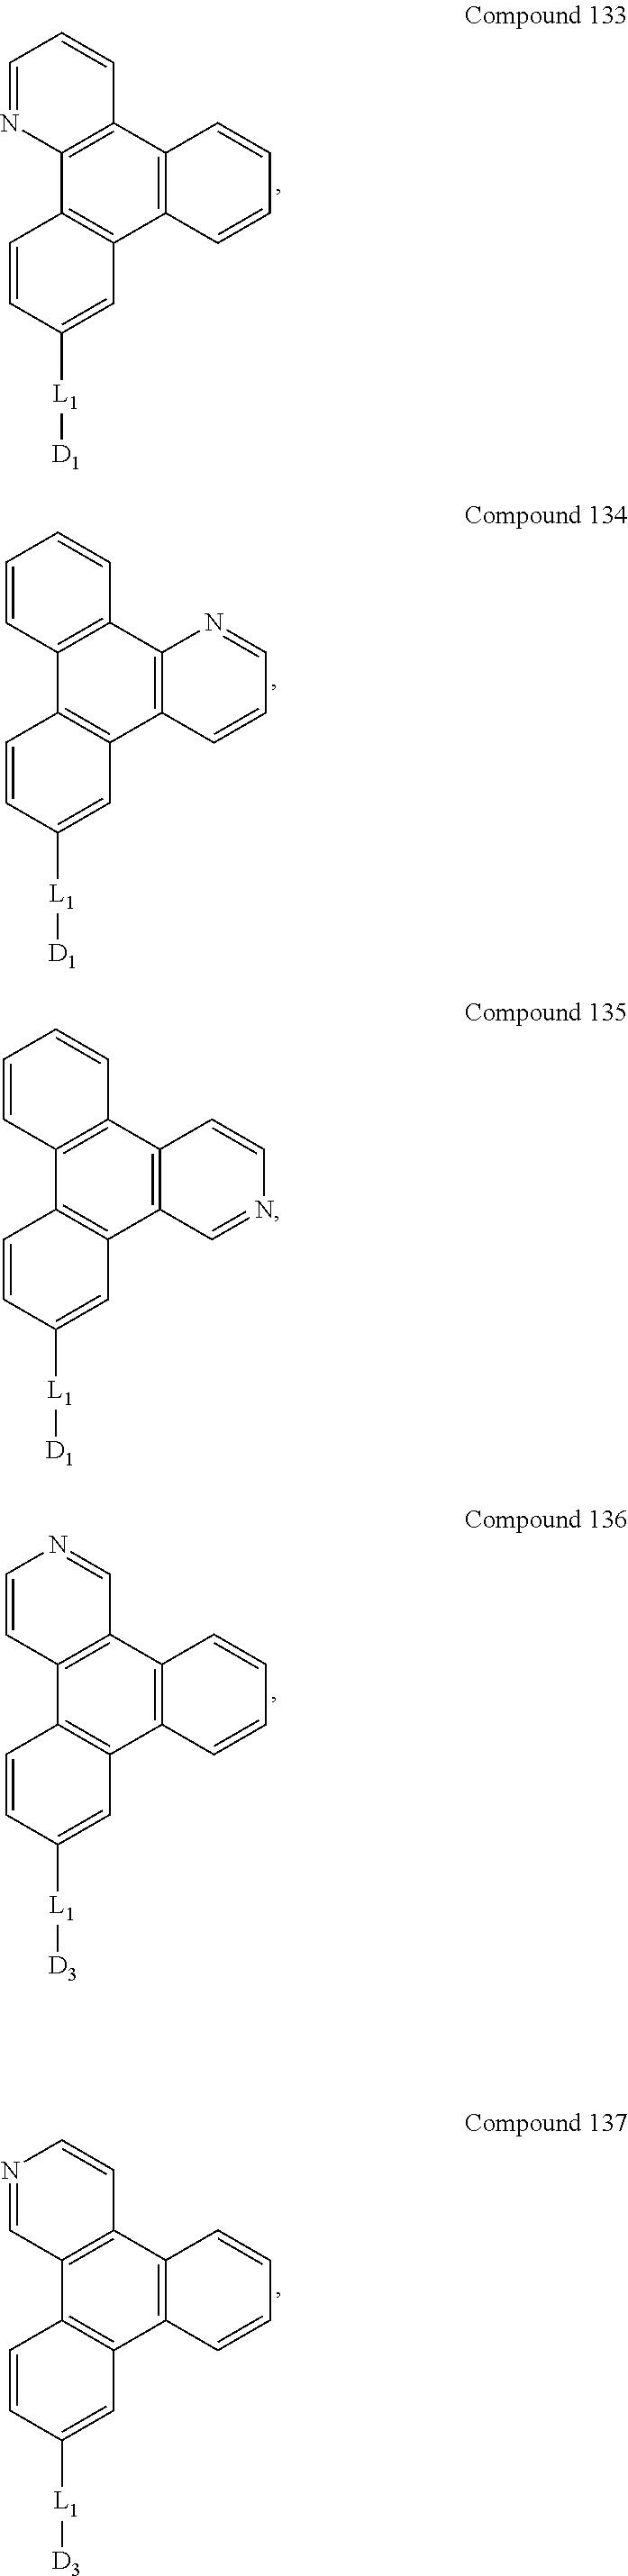 Figure US09537106-20170103-C00605